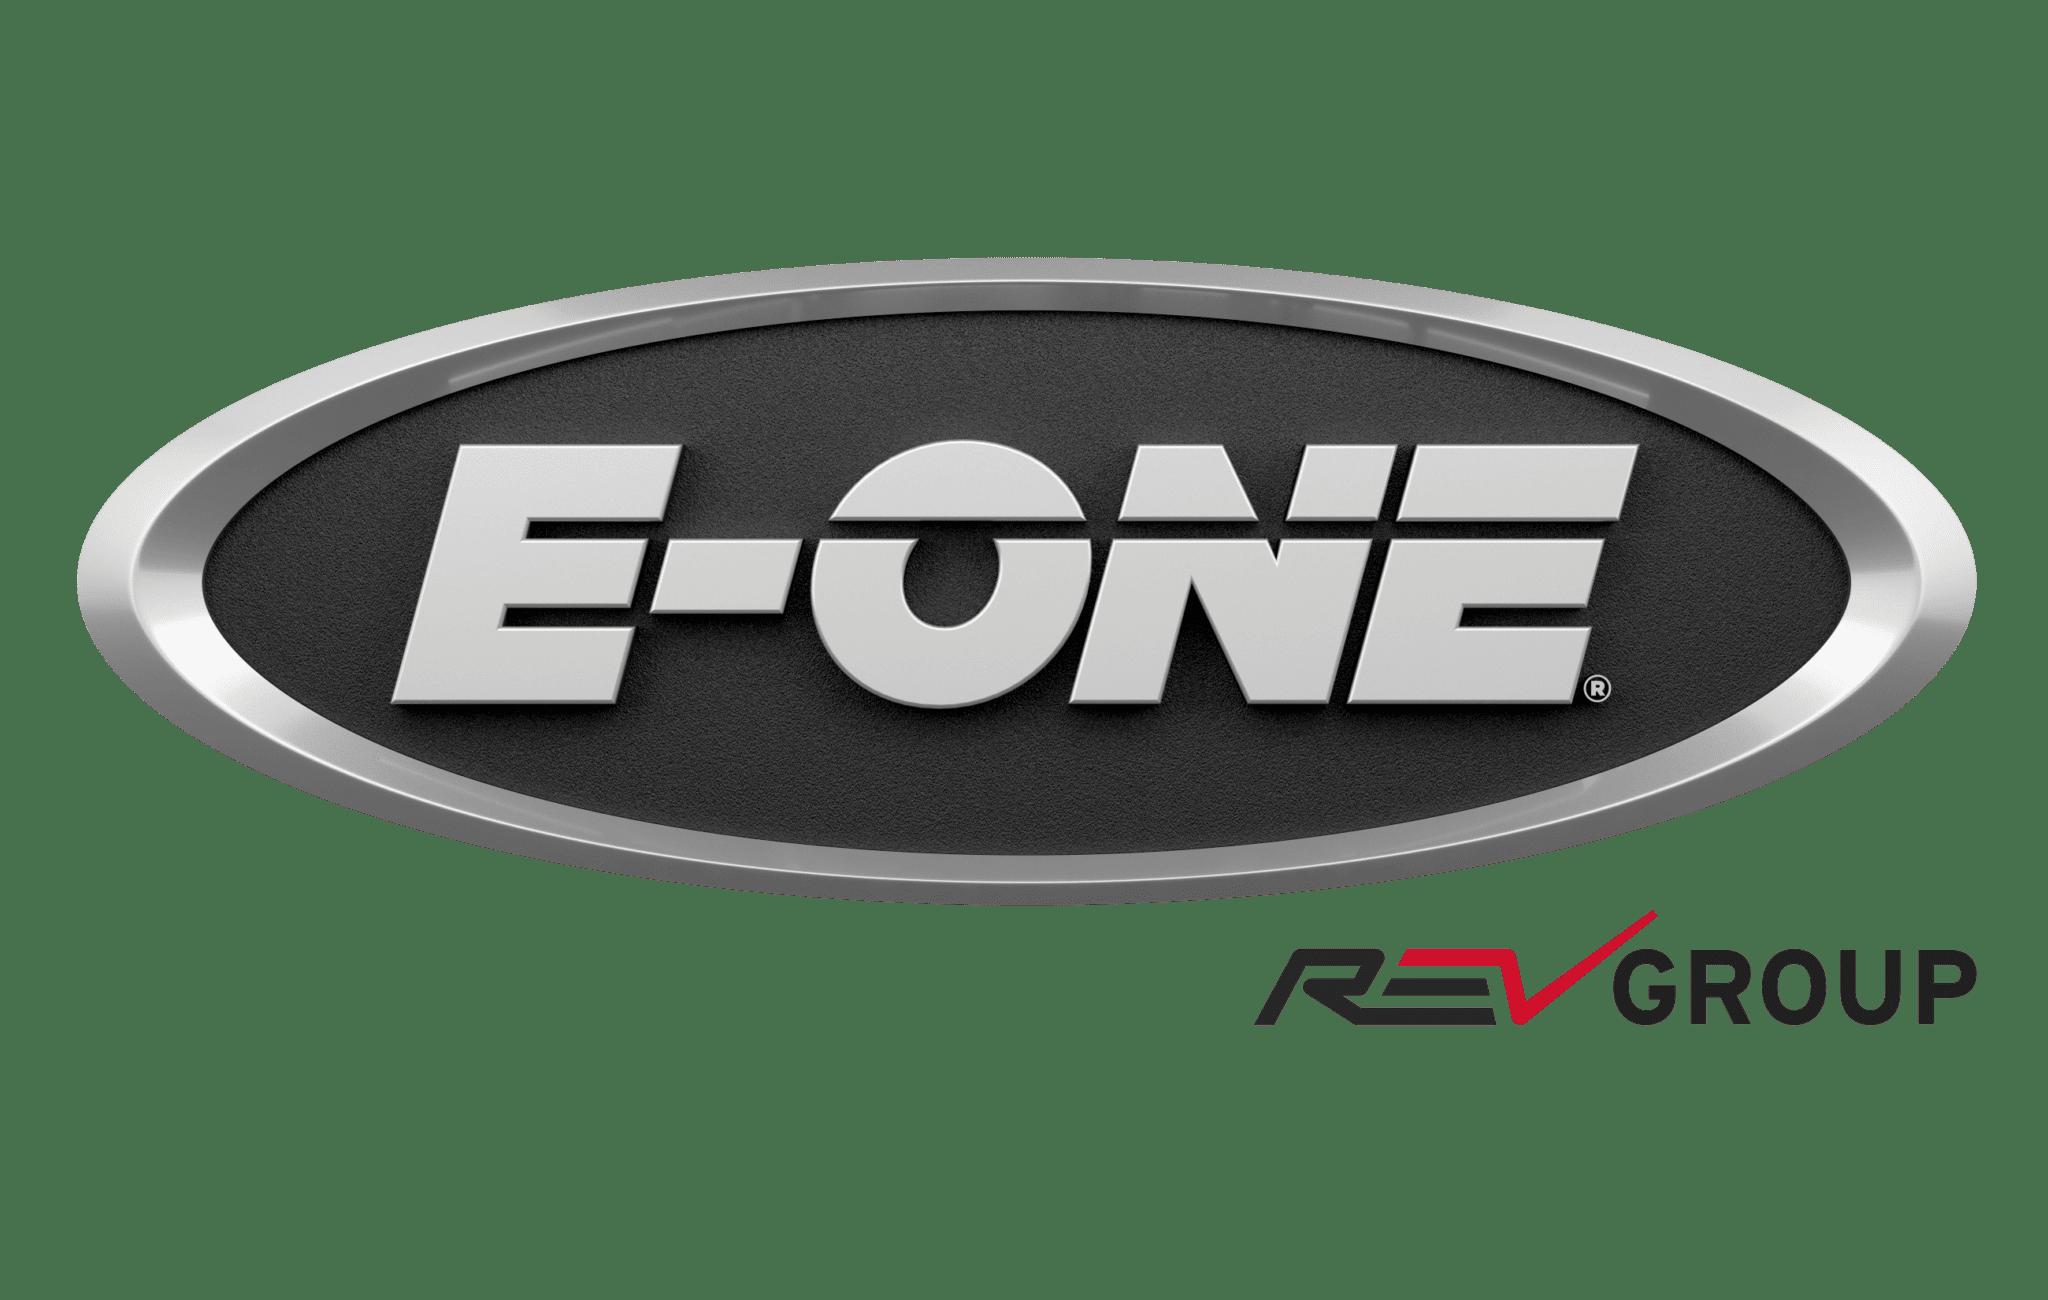 E-ONE - REV GROUP